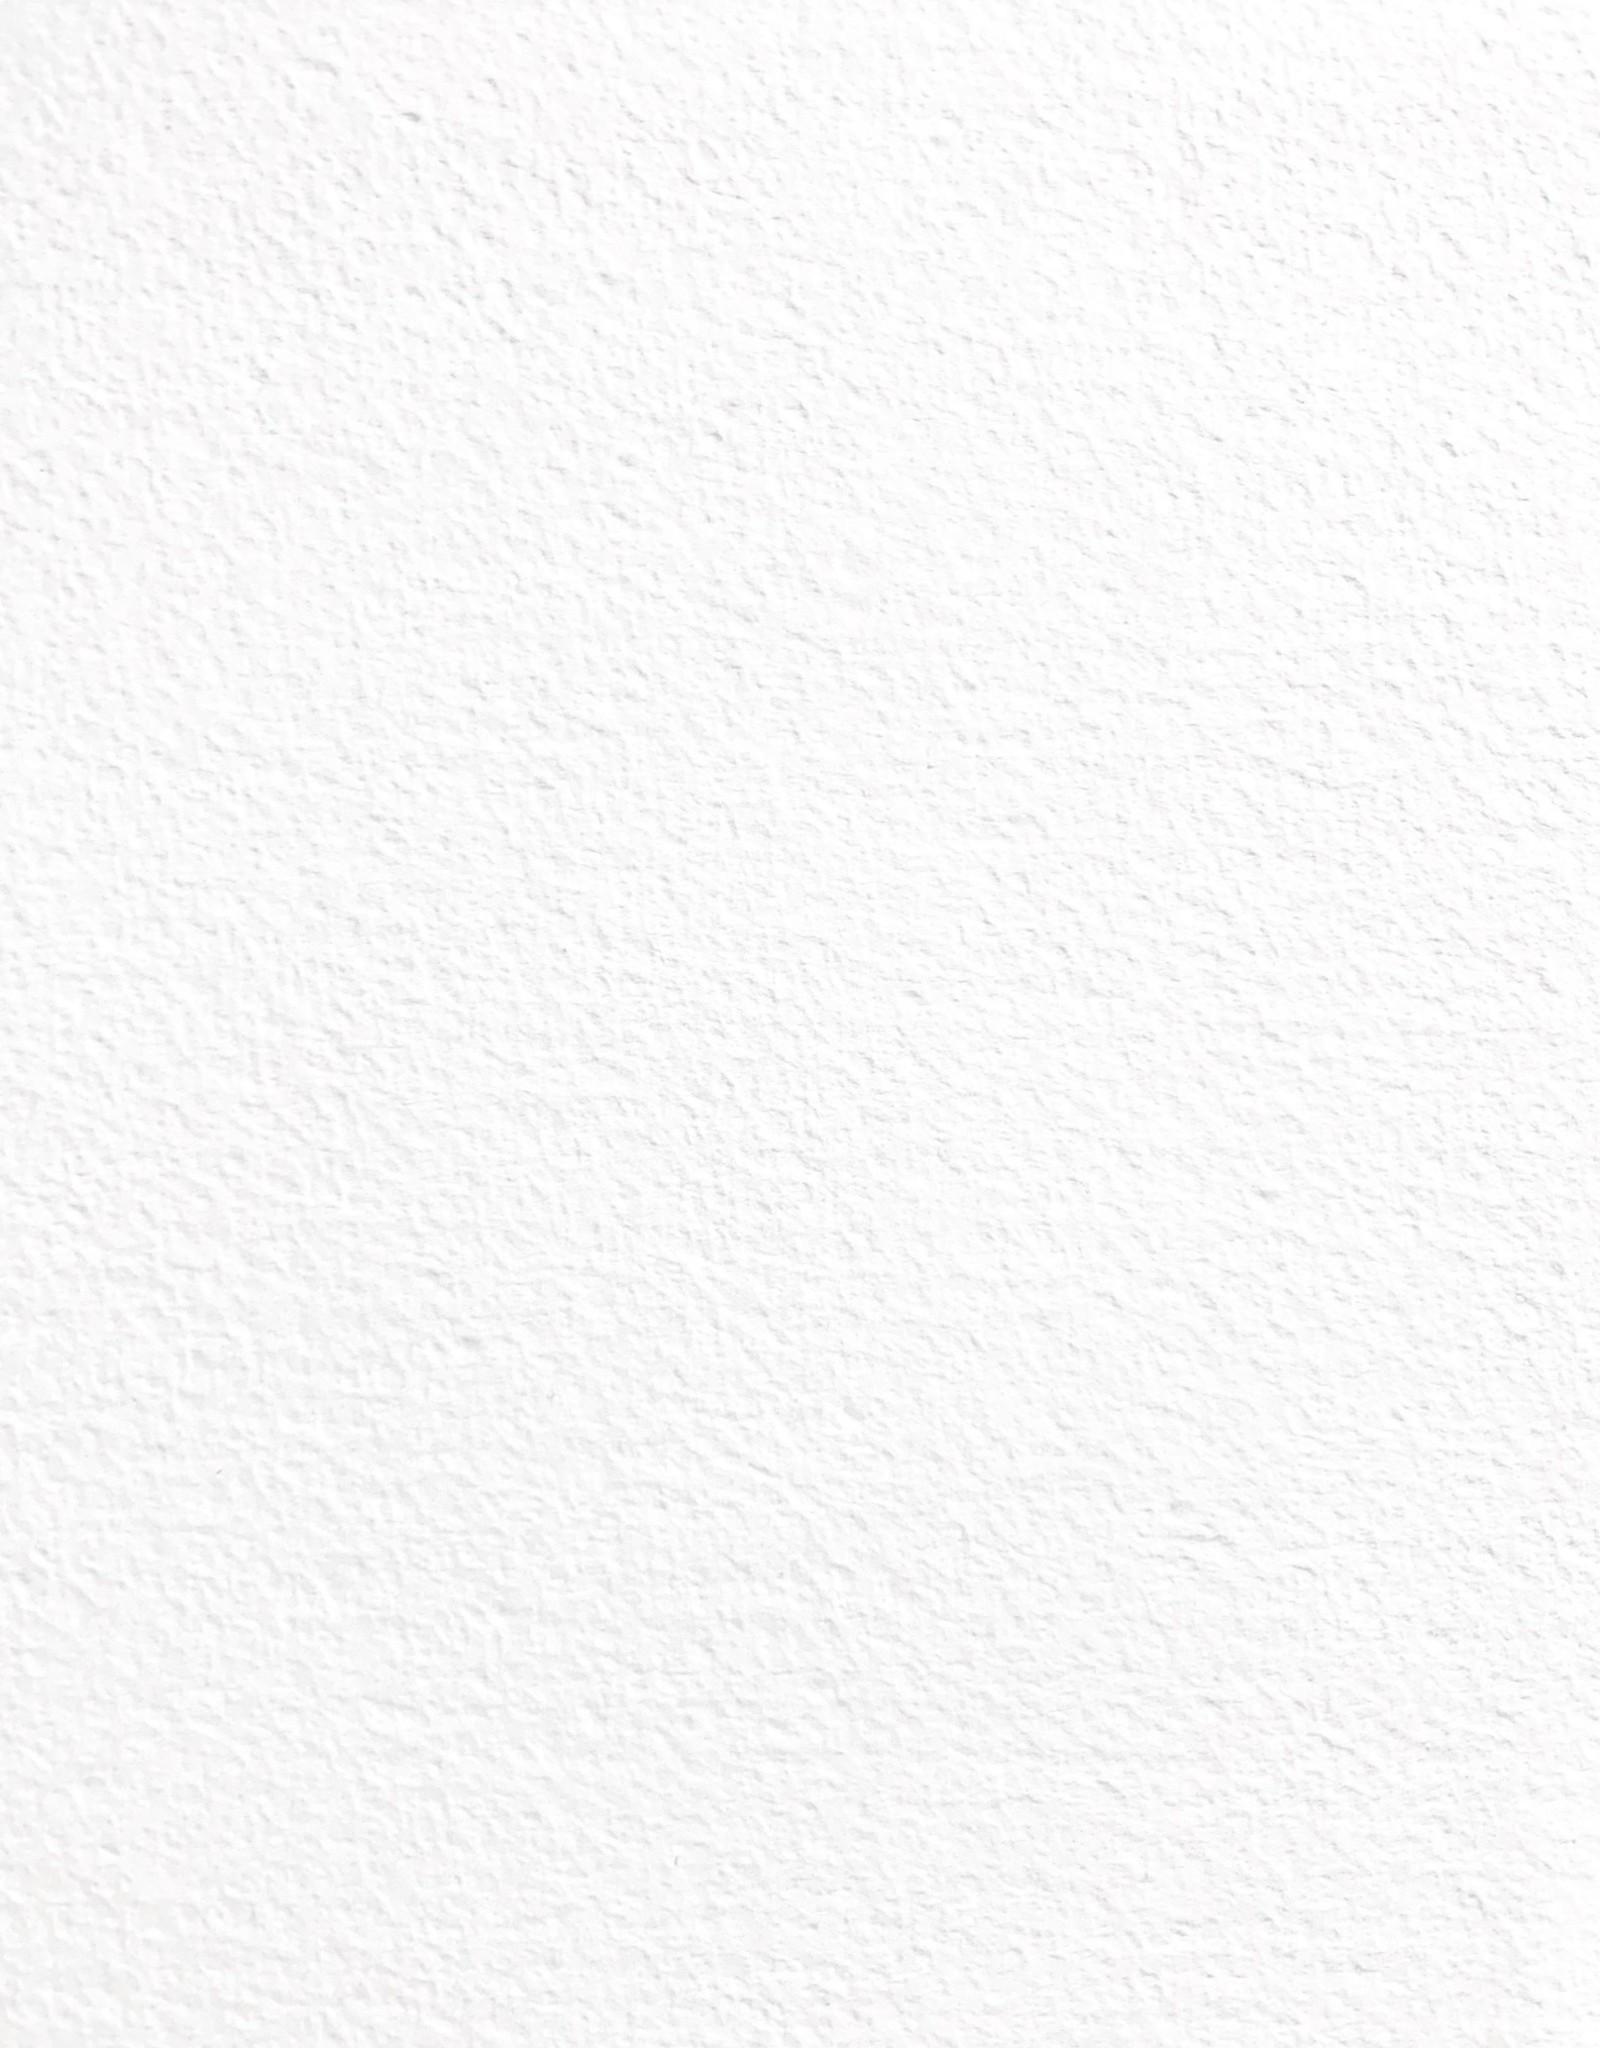 """Magnani Acquerello, Italia (Cold Press), Watercolor 275#, 22"""" x 30"""""""